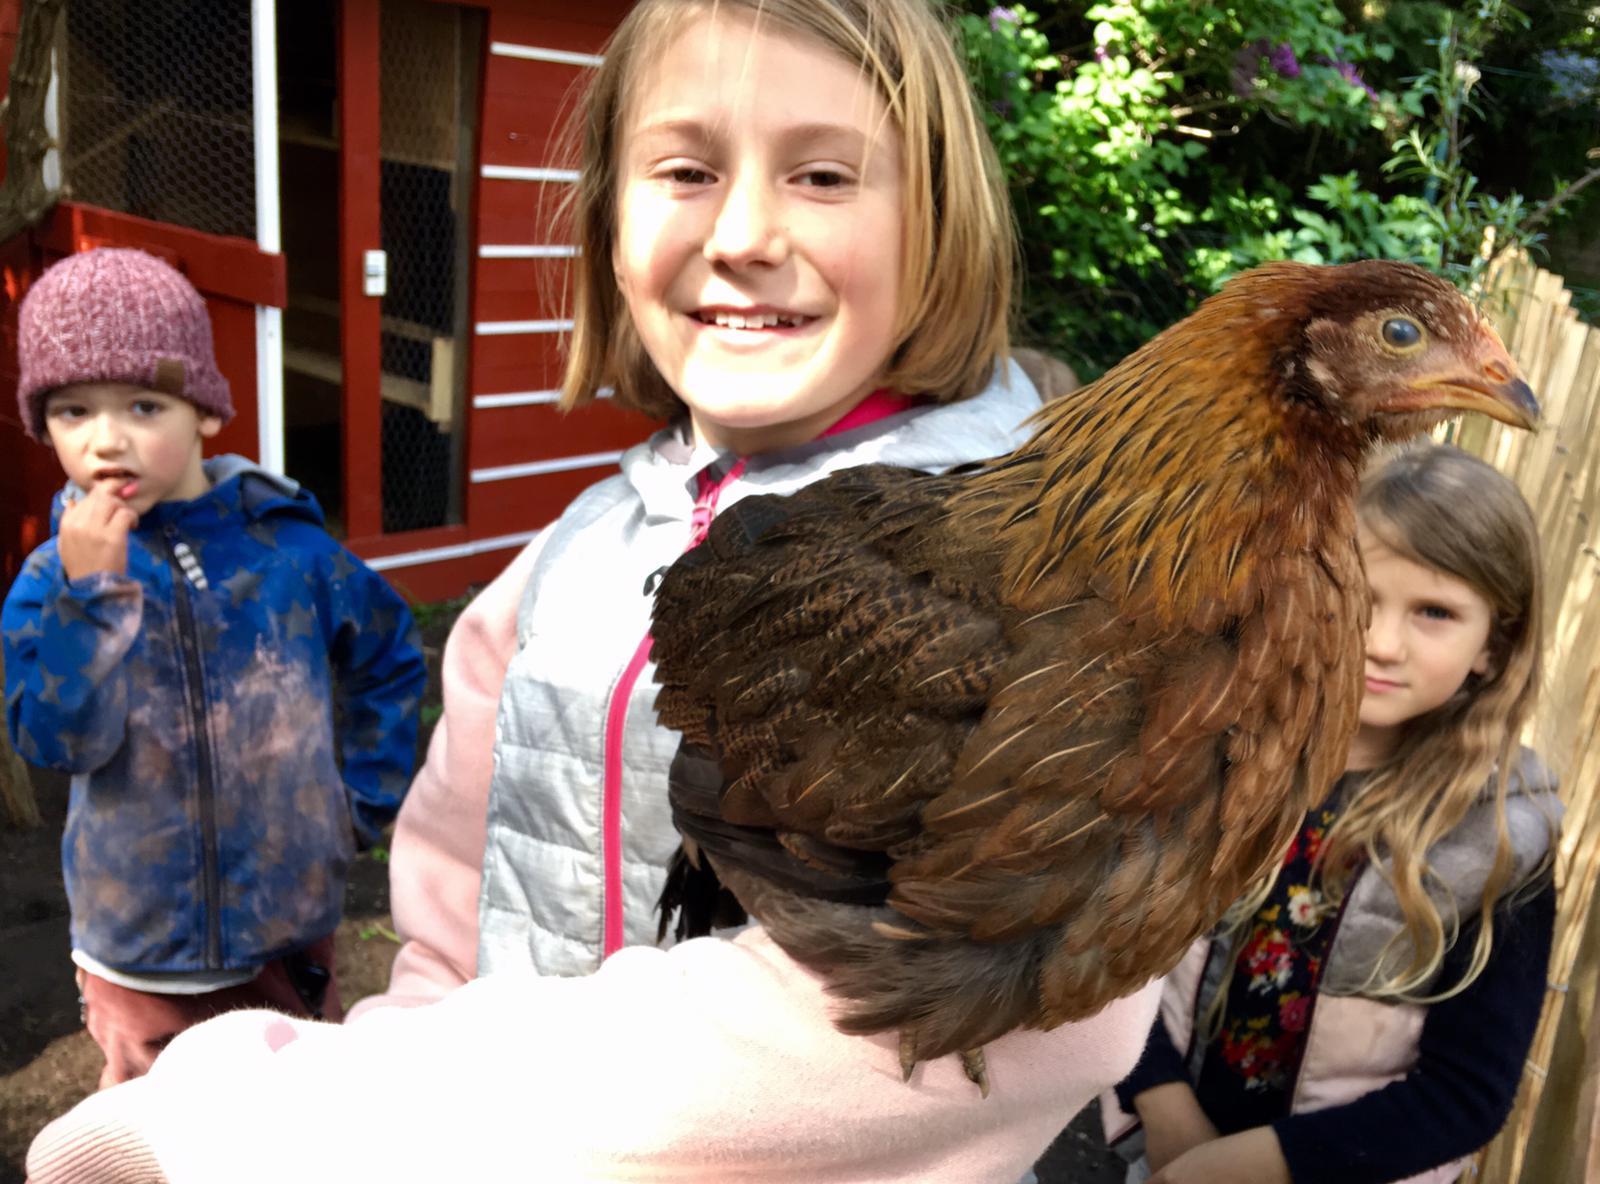 Gänseblümchenattraktion. Die Hühner waren monatelang die Attraktion der Straße. Heute hat sich der Trubel um's Huhn gelegt.